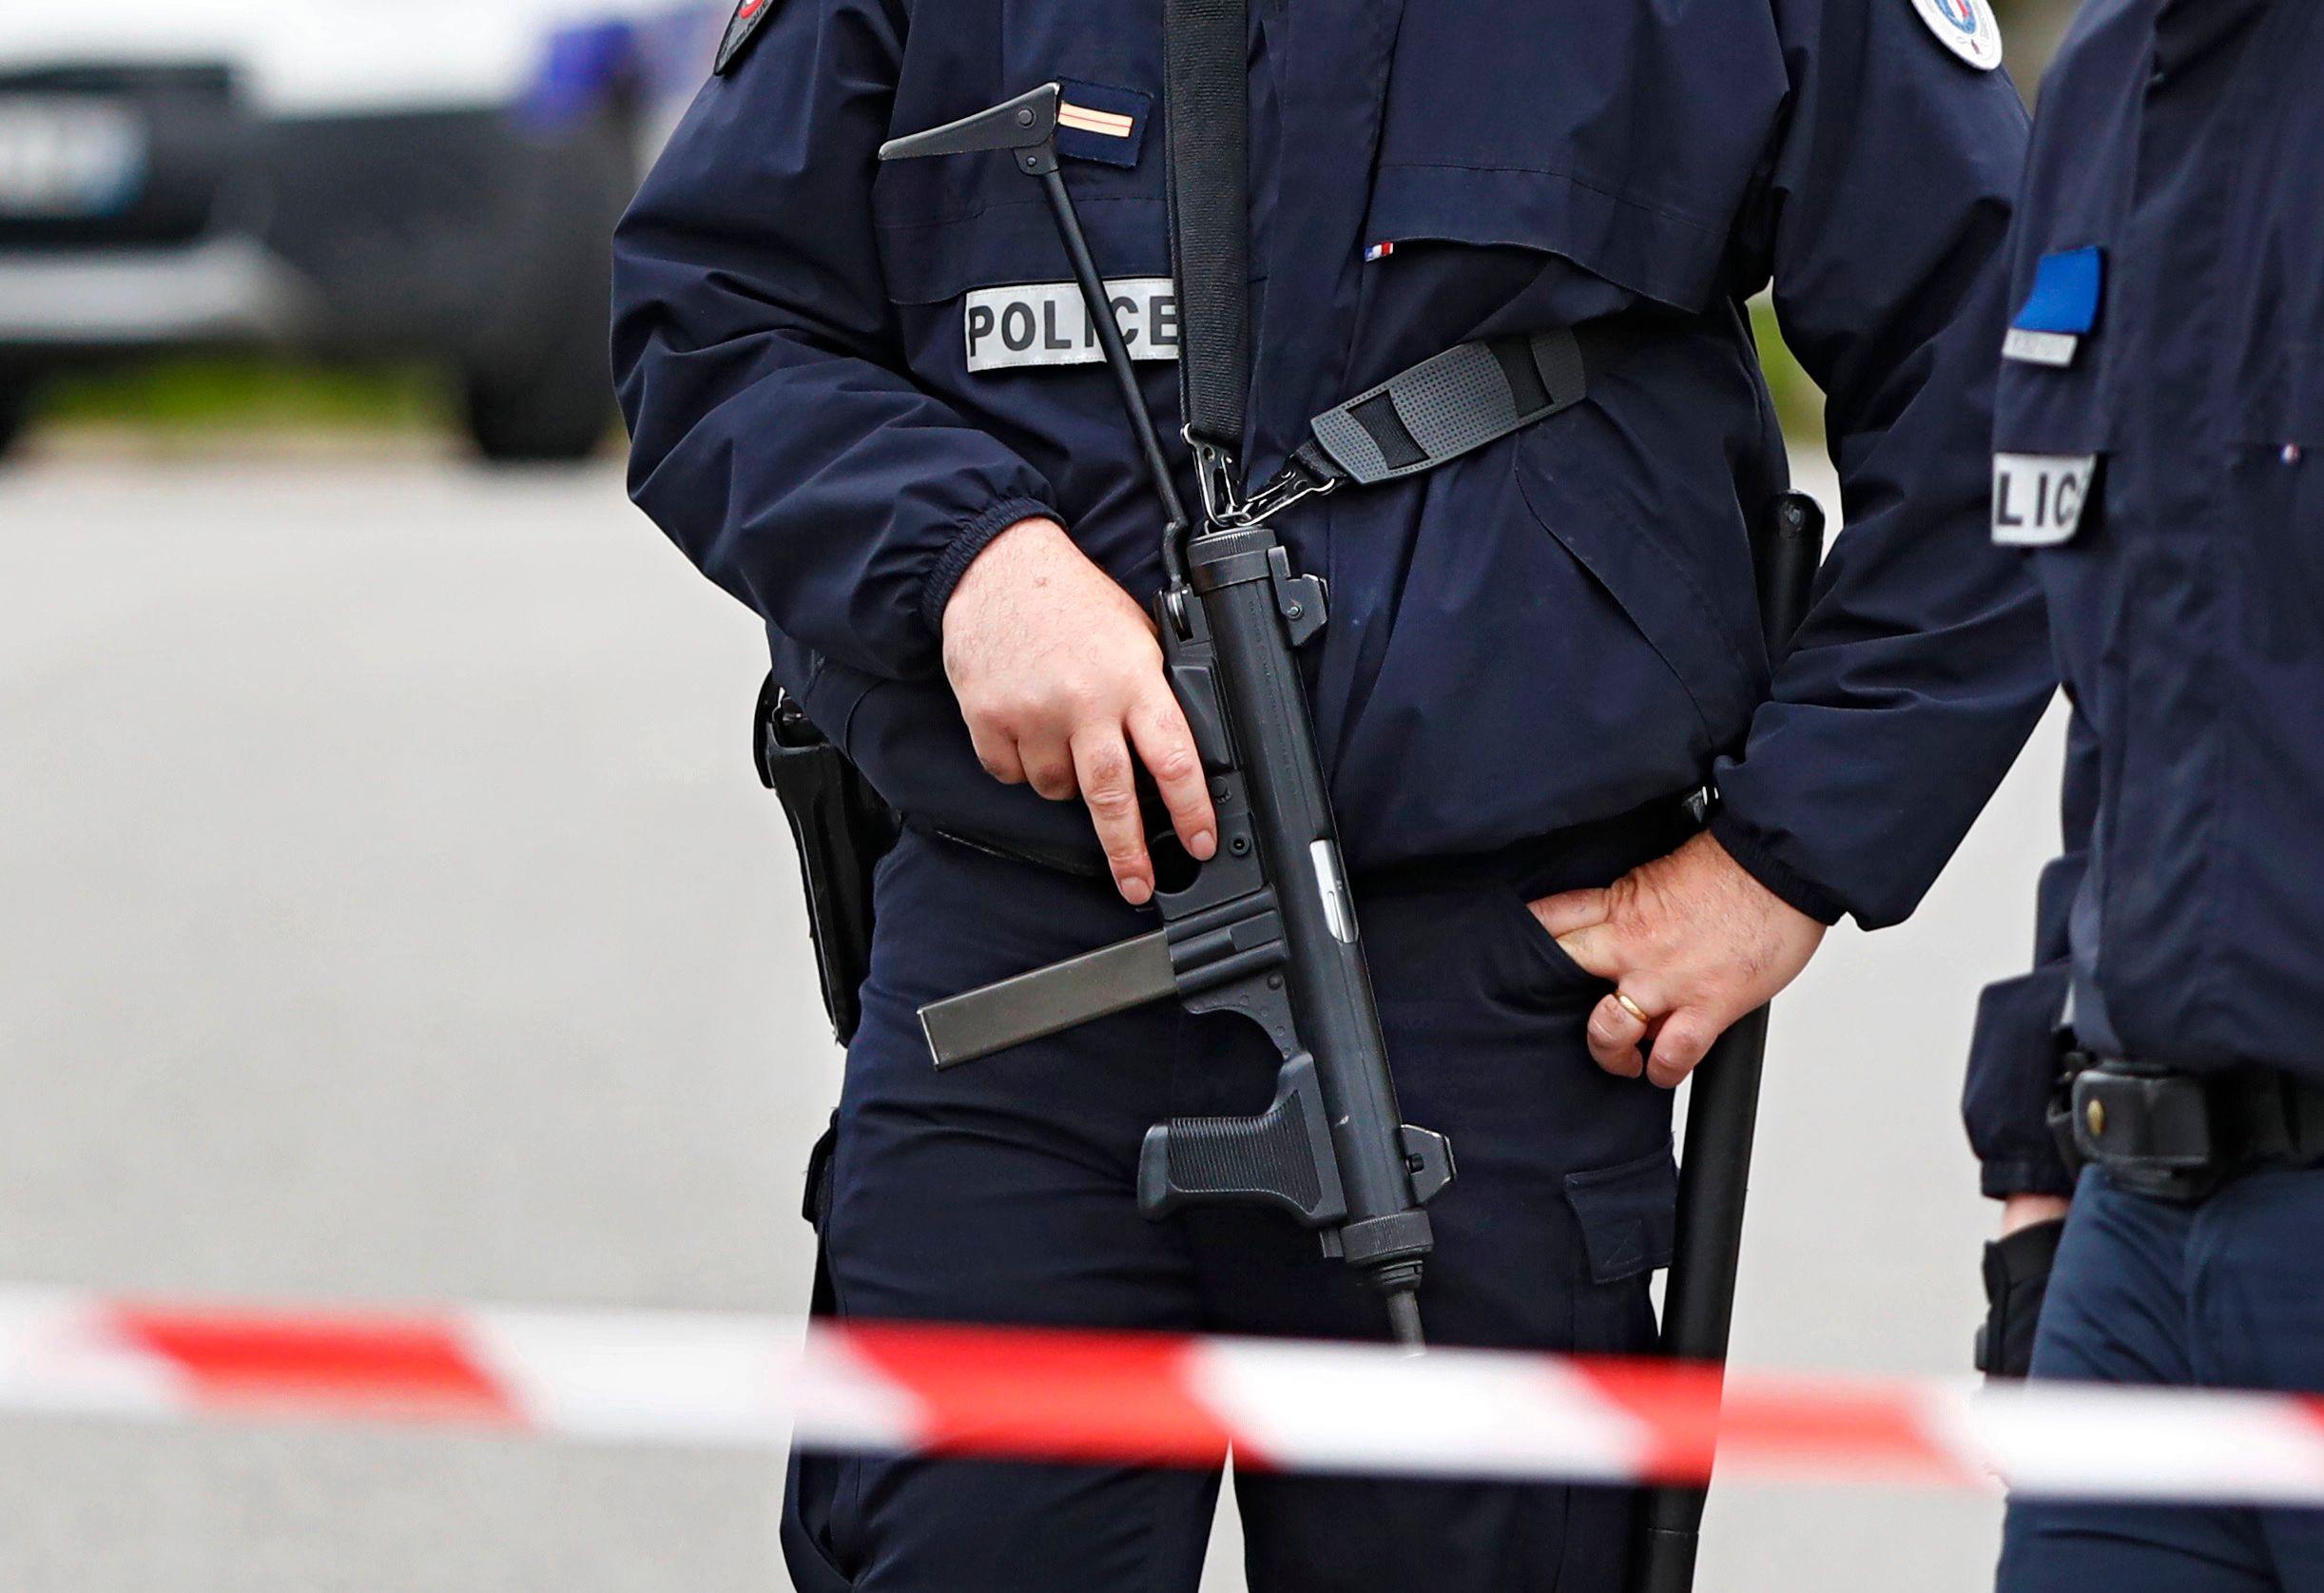 Terrorisme : seul un Français sur trois fait confiance au gouvernement